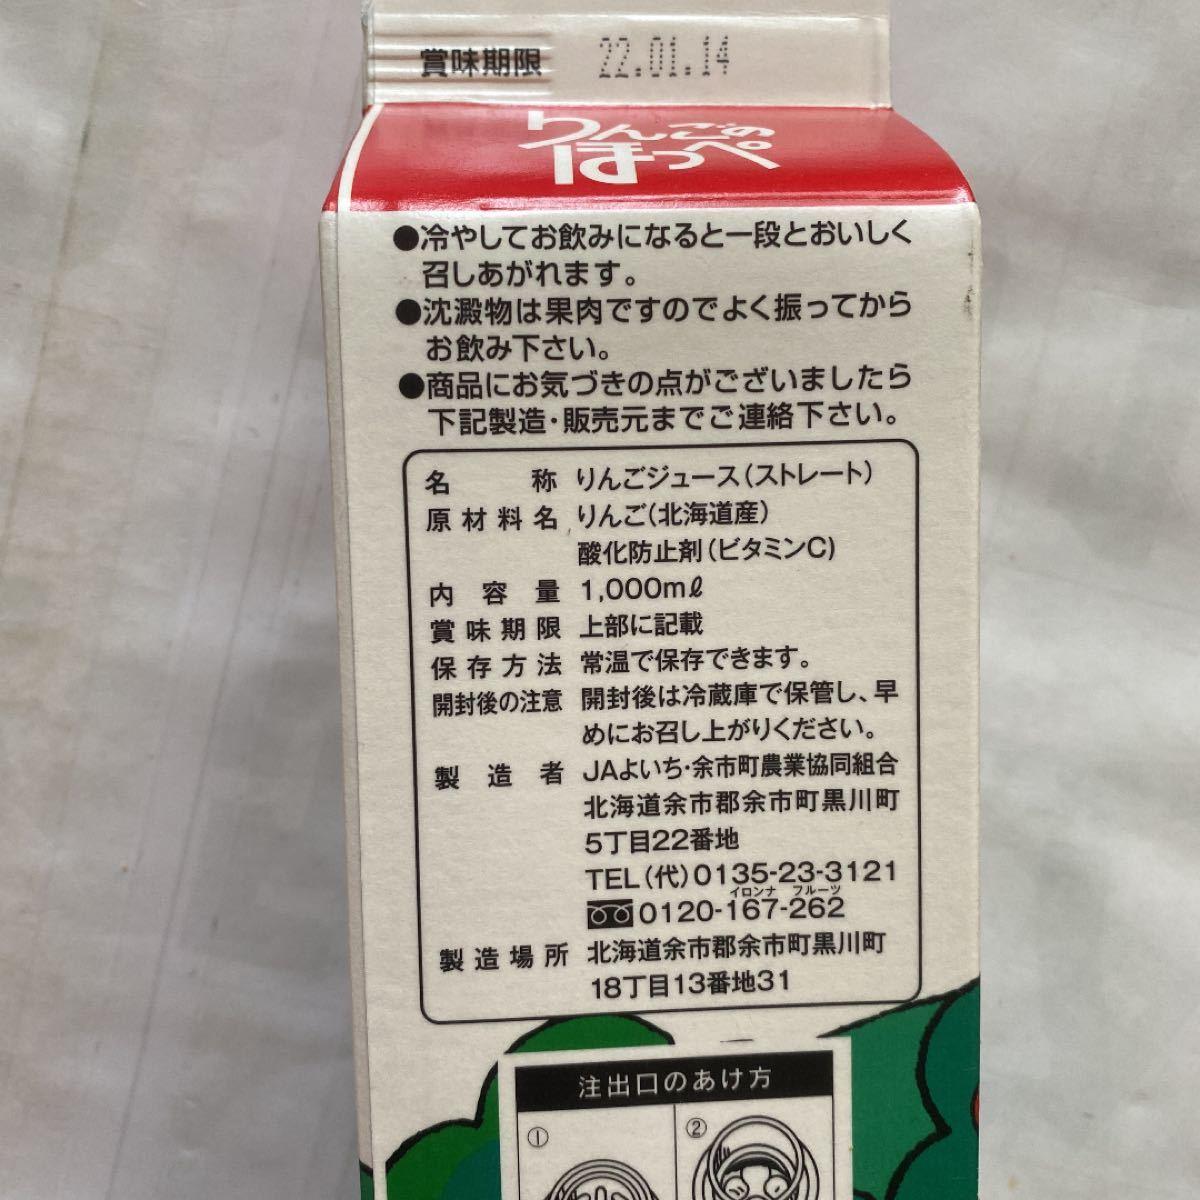 北海道余市 りんごのほっぺストレート100% 1本